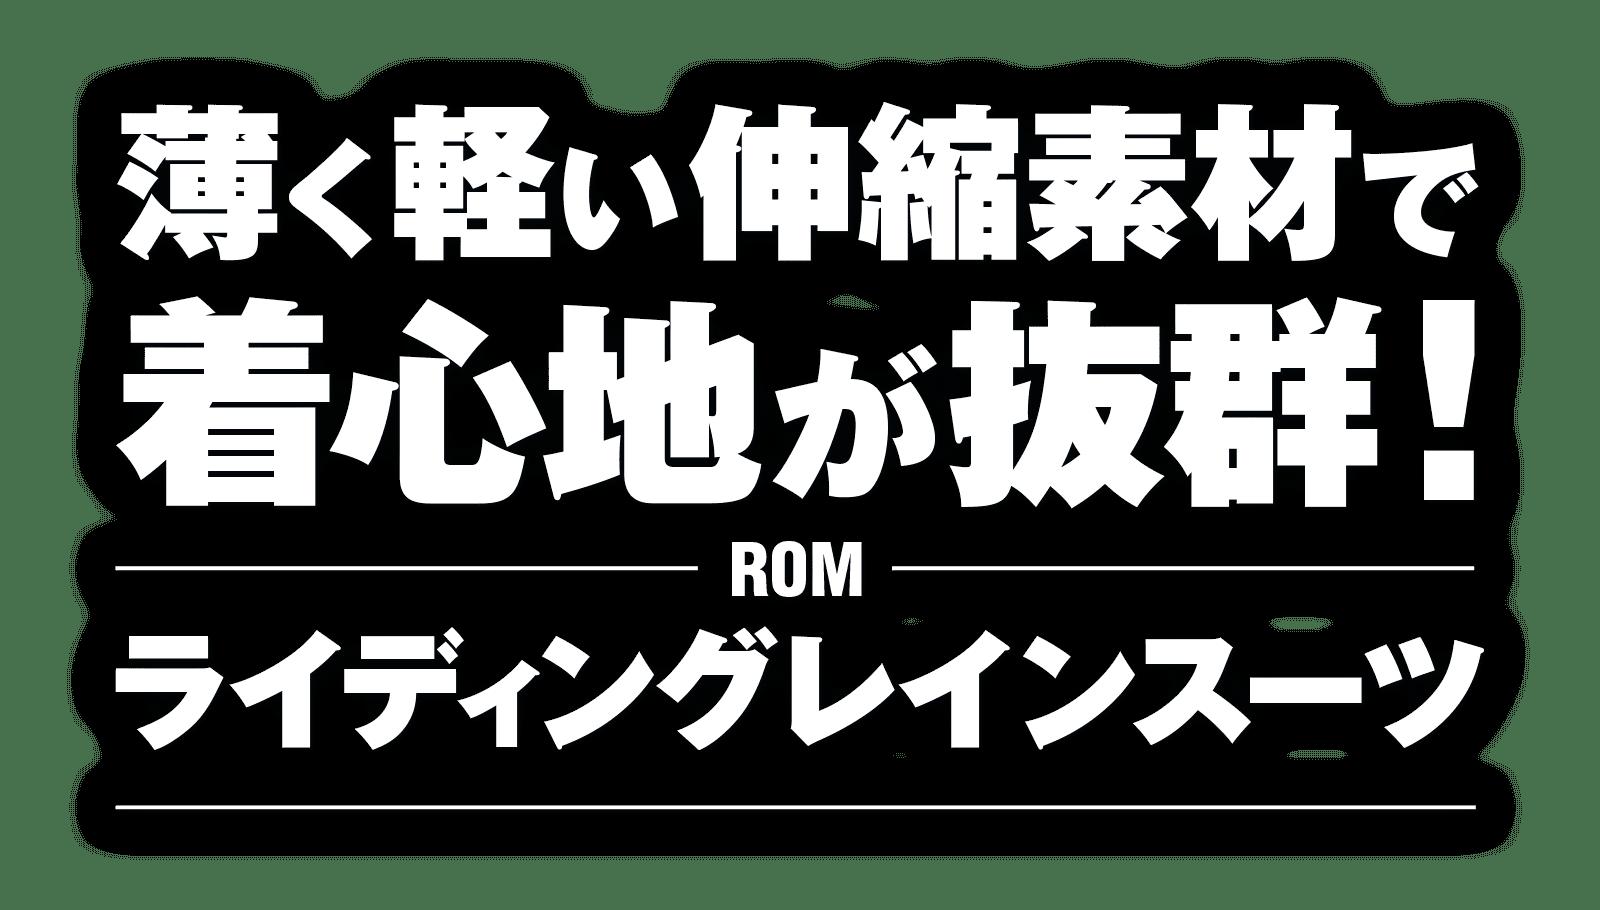 薄く軽い伸縮素材で着心地が抜群!ROM ライディングレインスーツ